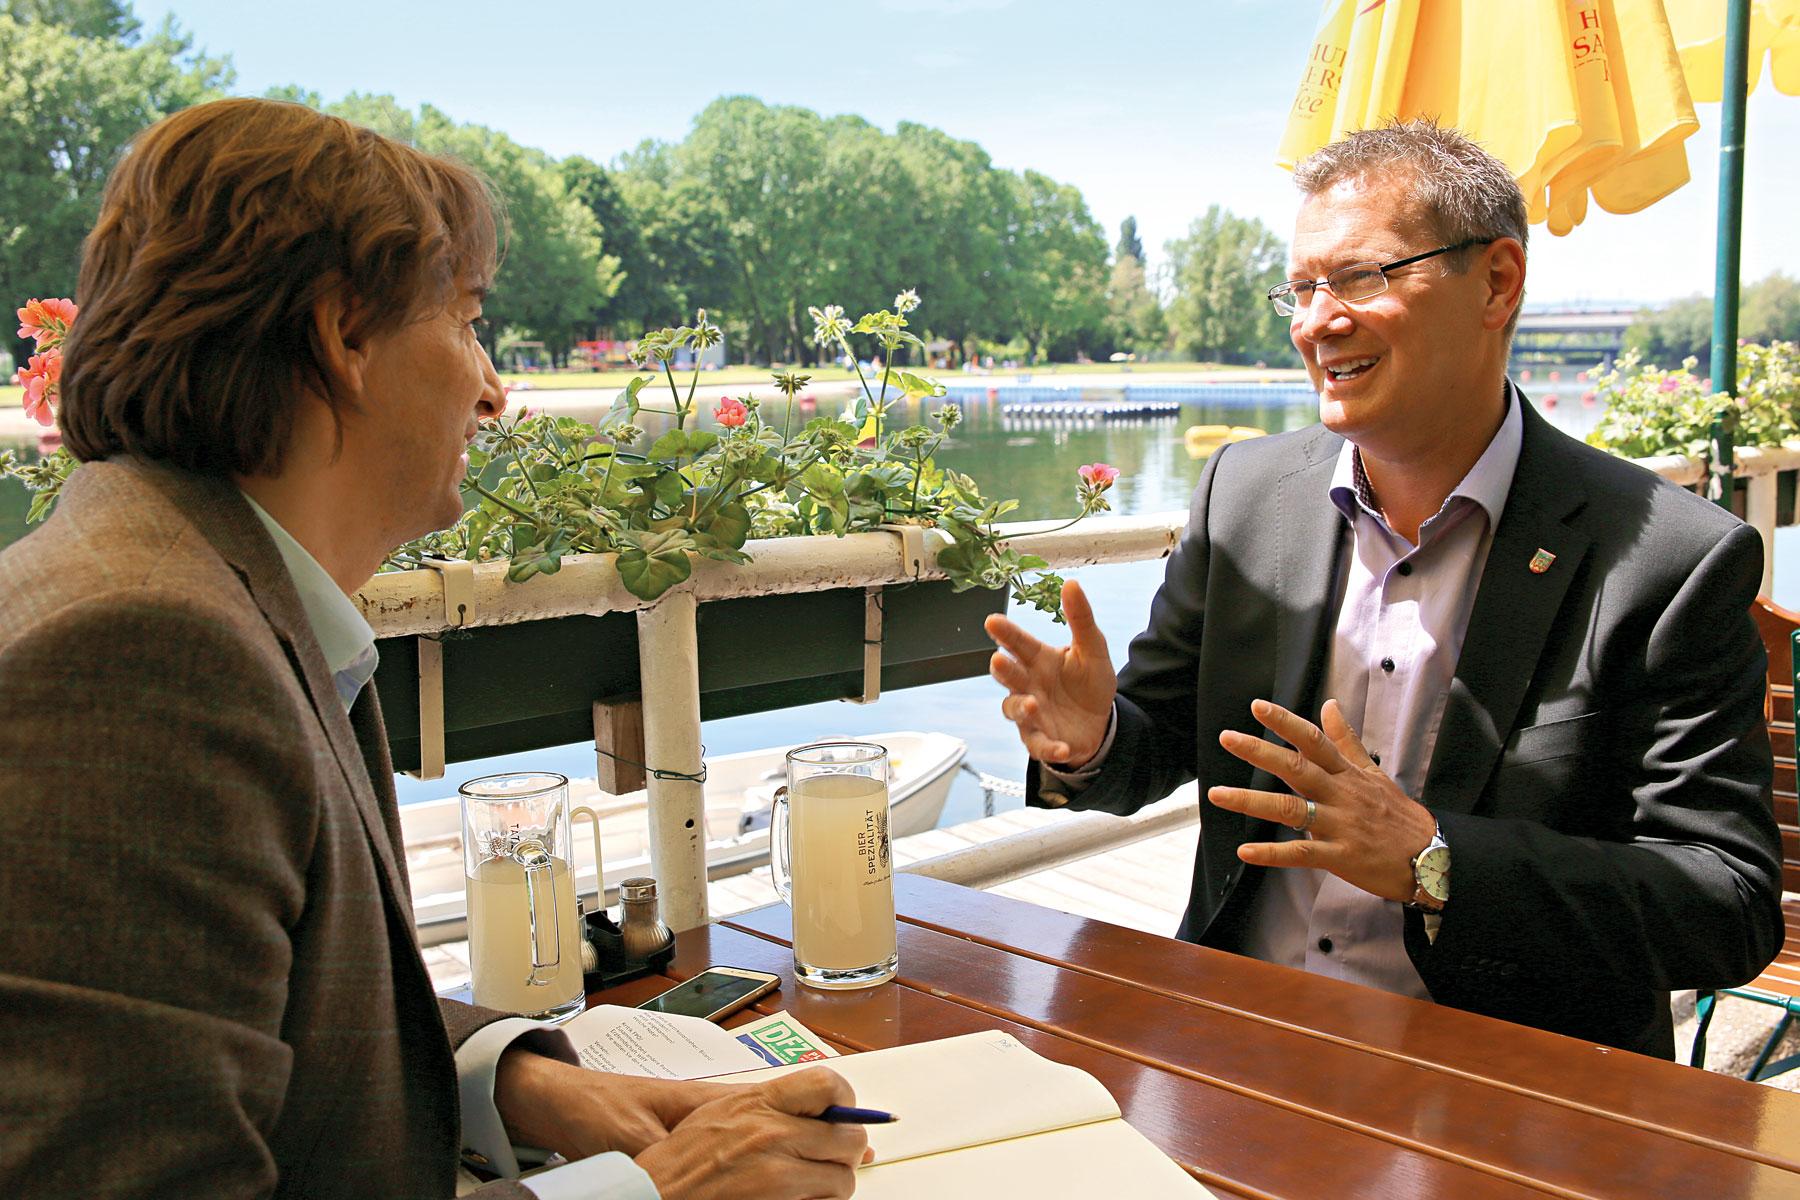 Bezirksvorsteher GeorgPapai (rechts) beim Interview mitDFZ-Chefredakteur Hannes Neumayer imGasthaus Birner an derAlten Donau. Bilder: Robert Sturm. cordbase.com